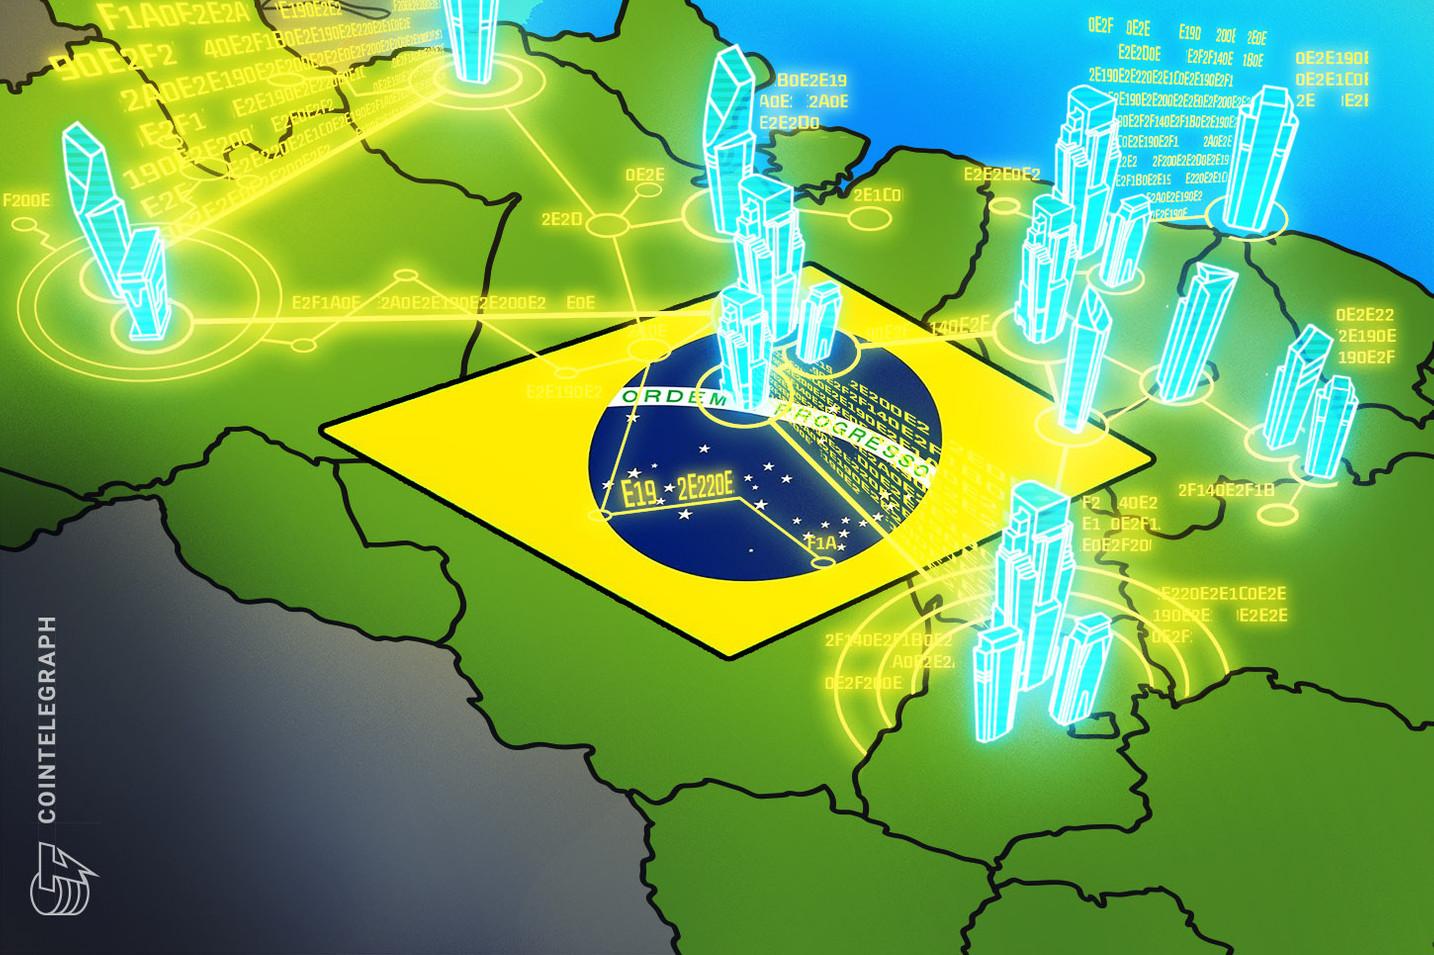 Cointelegraph e CriptoFácil se unem para premiar destaques do mercado de criptomoedas e blockchain no Brasil